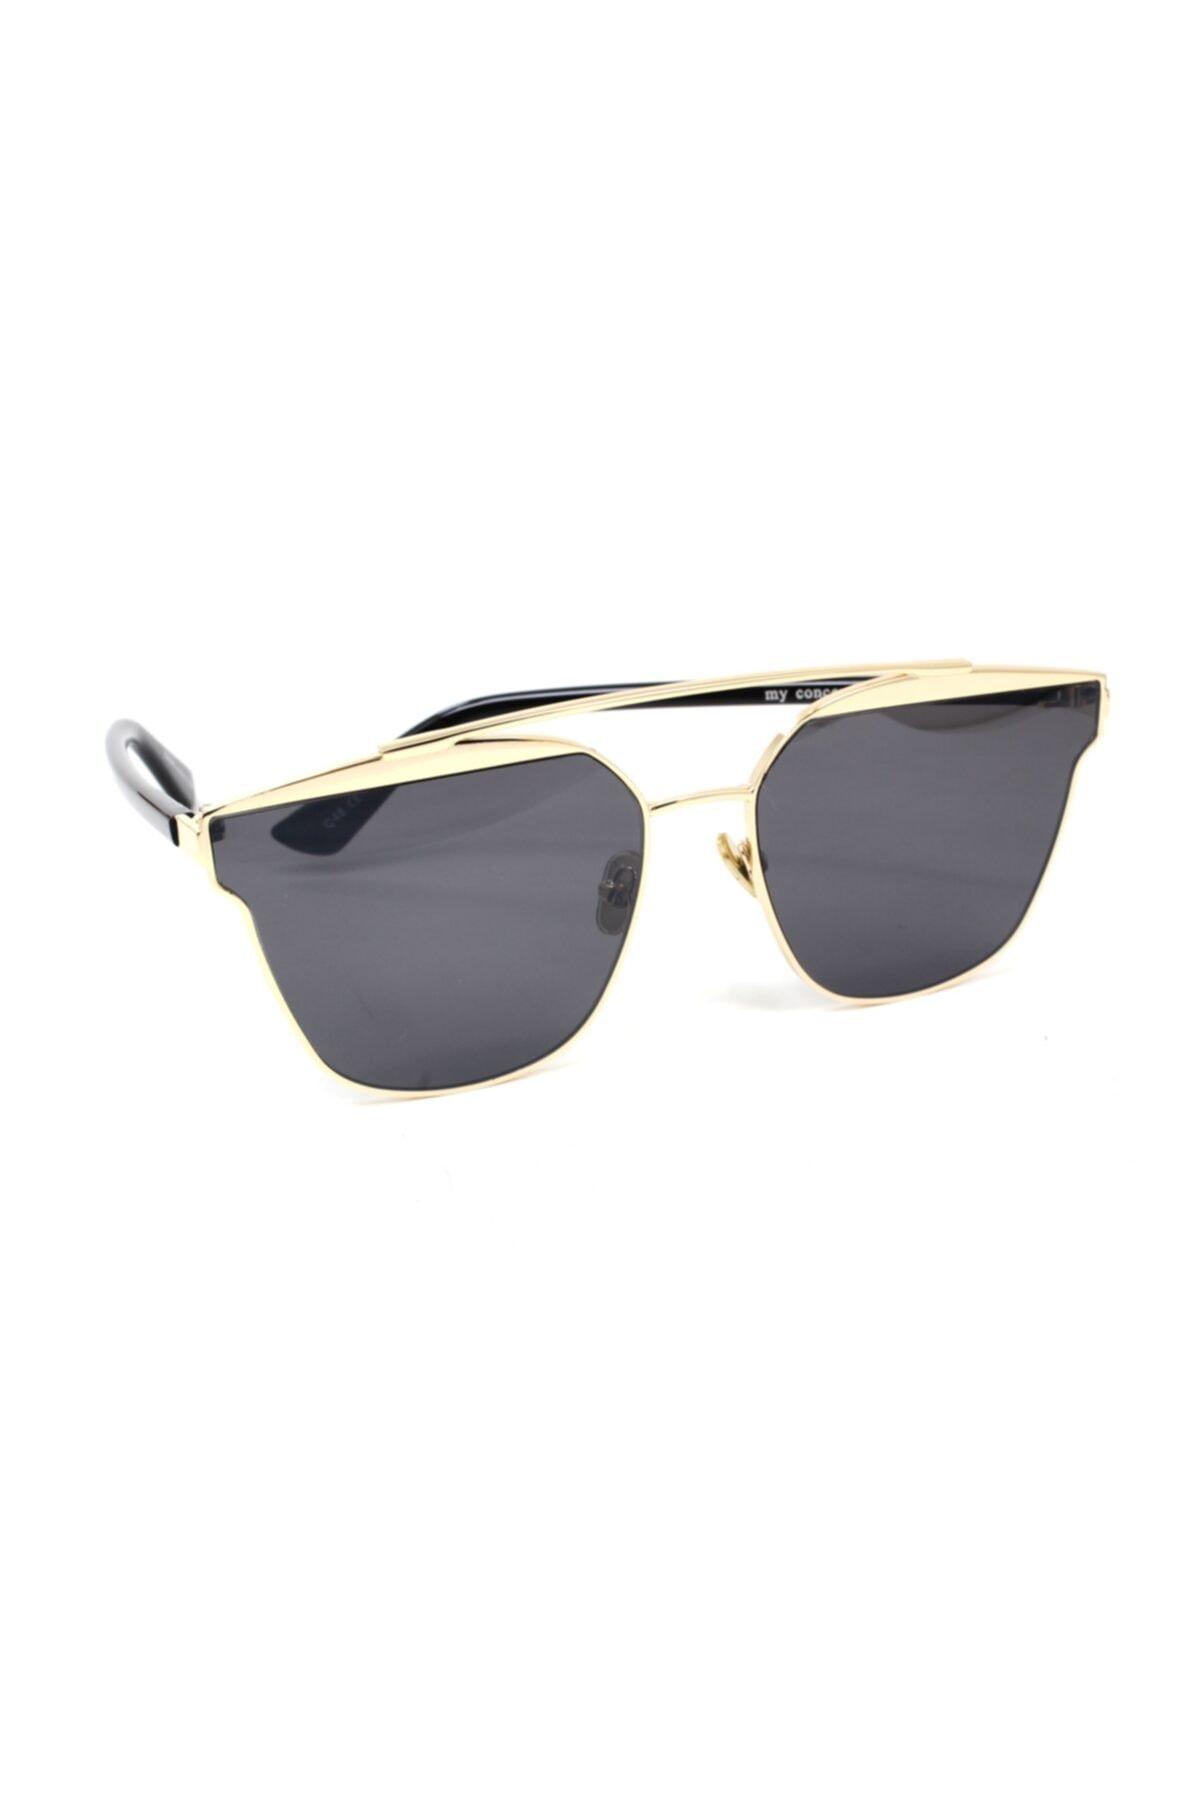 خرید انلاین عینک آفتابی جدید زنانه شیک برند MY CONCEPT رنگ مشکی کد ty68261149